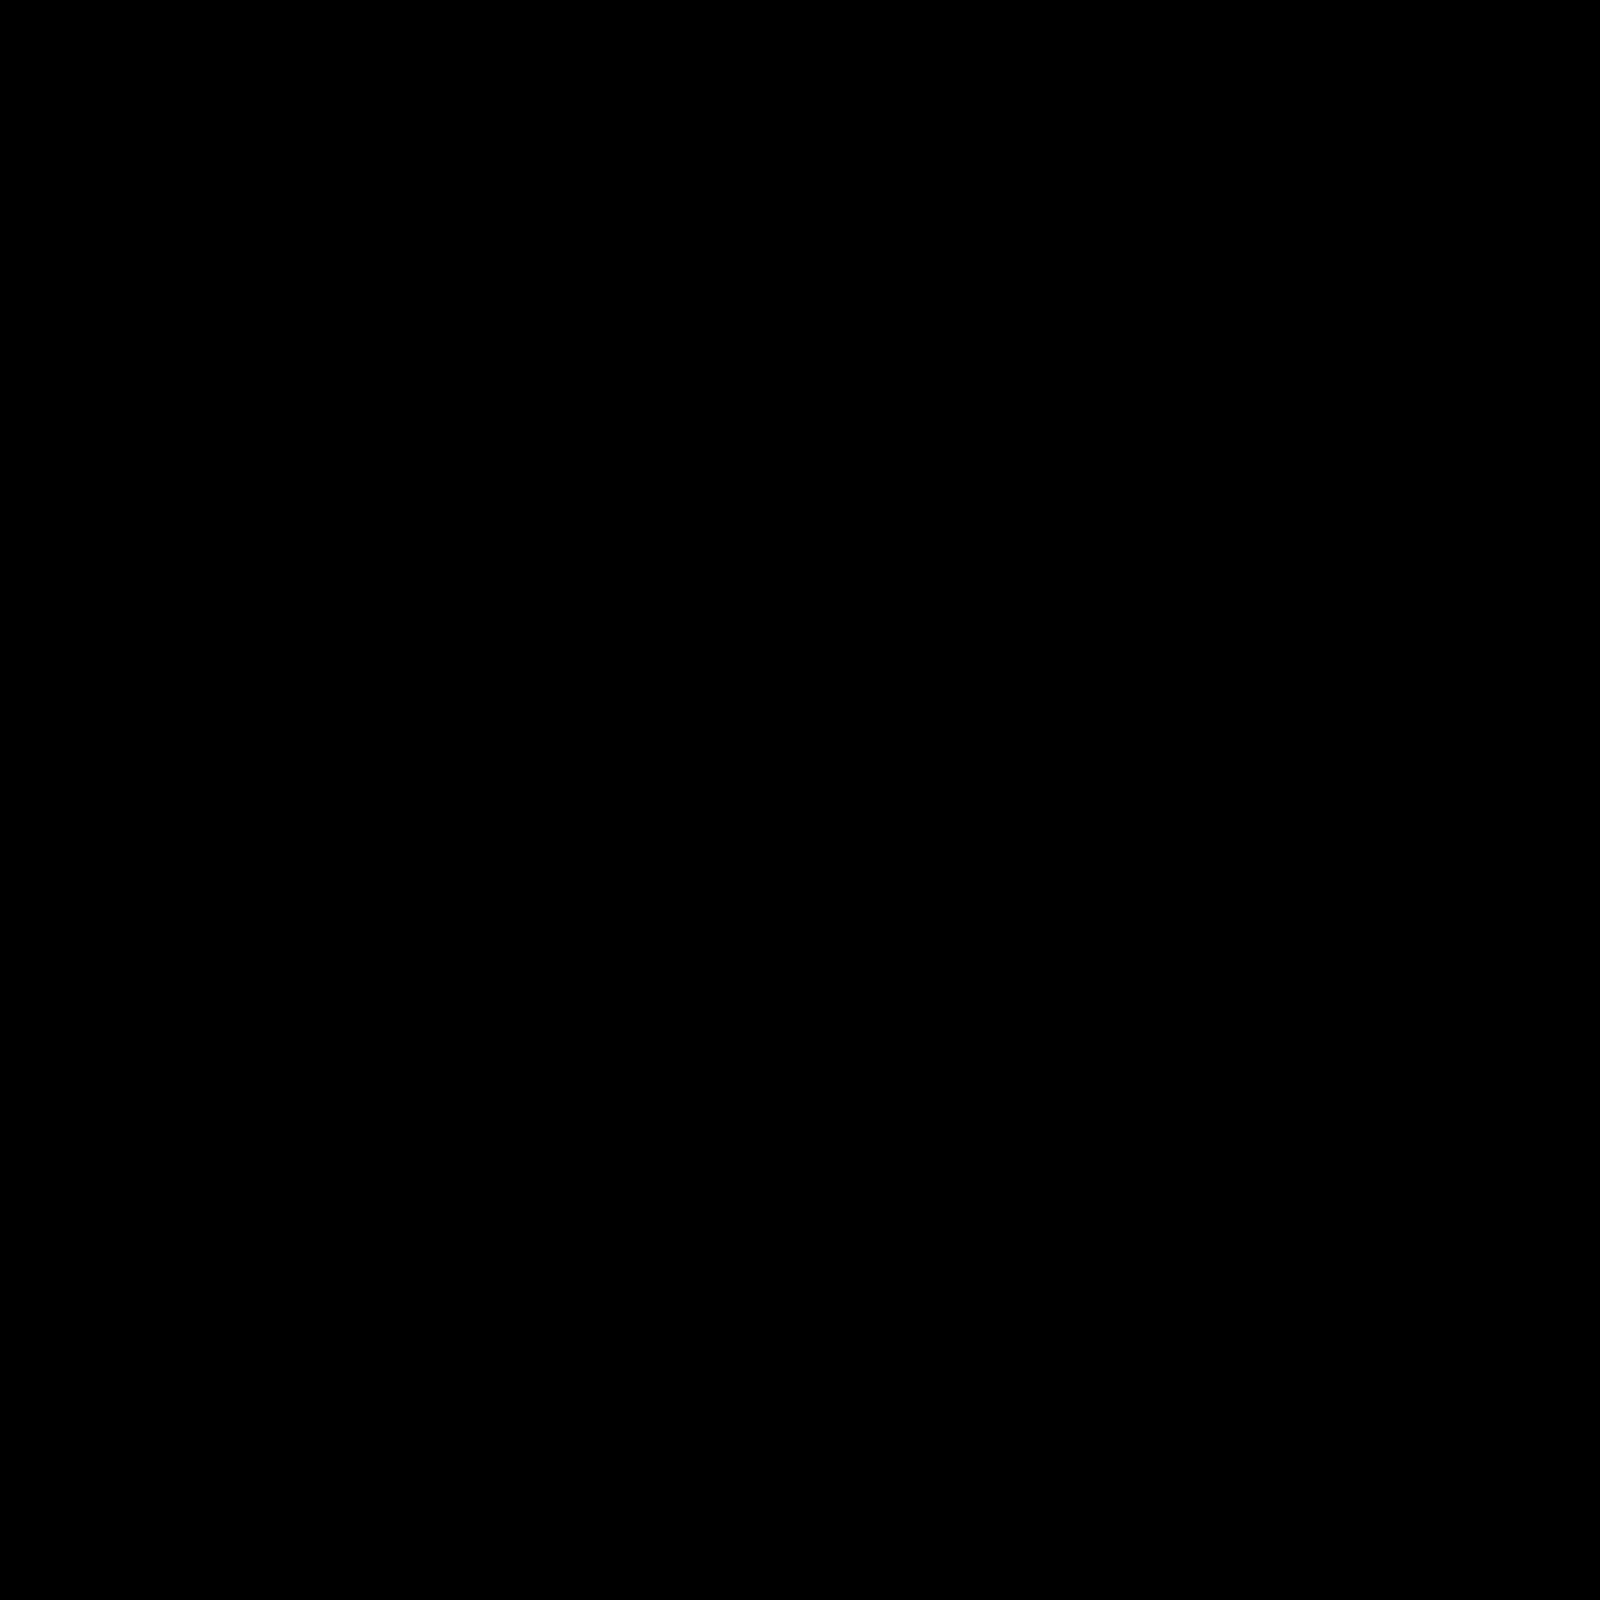 Królik w Kapeluszu icon